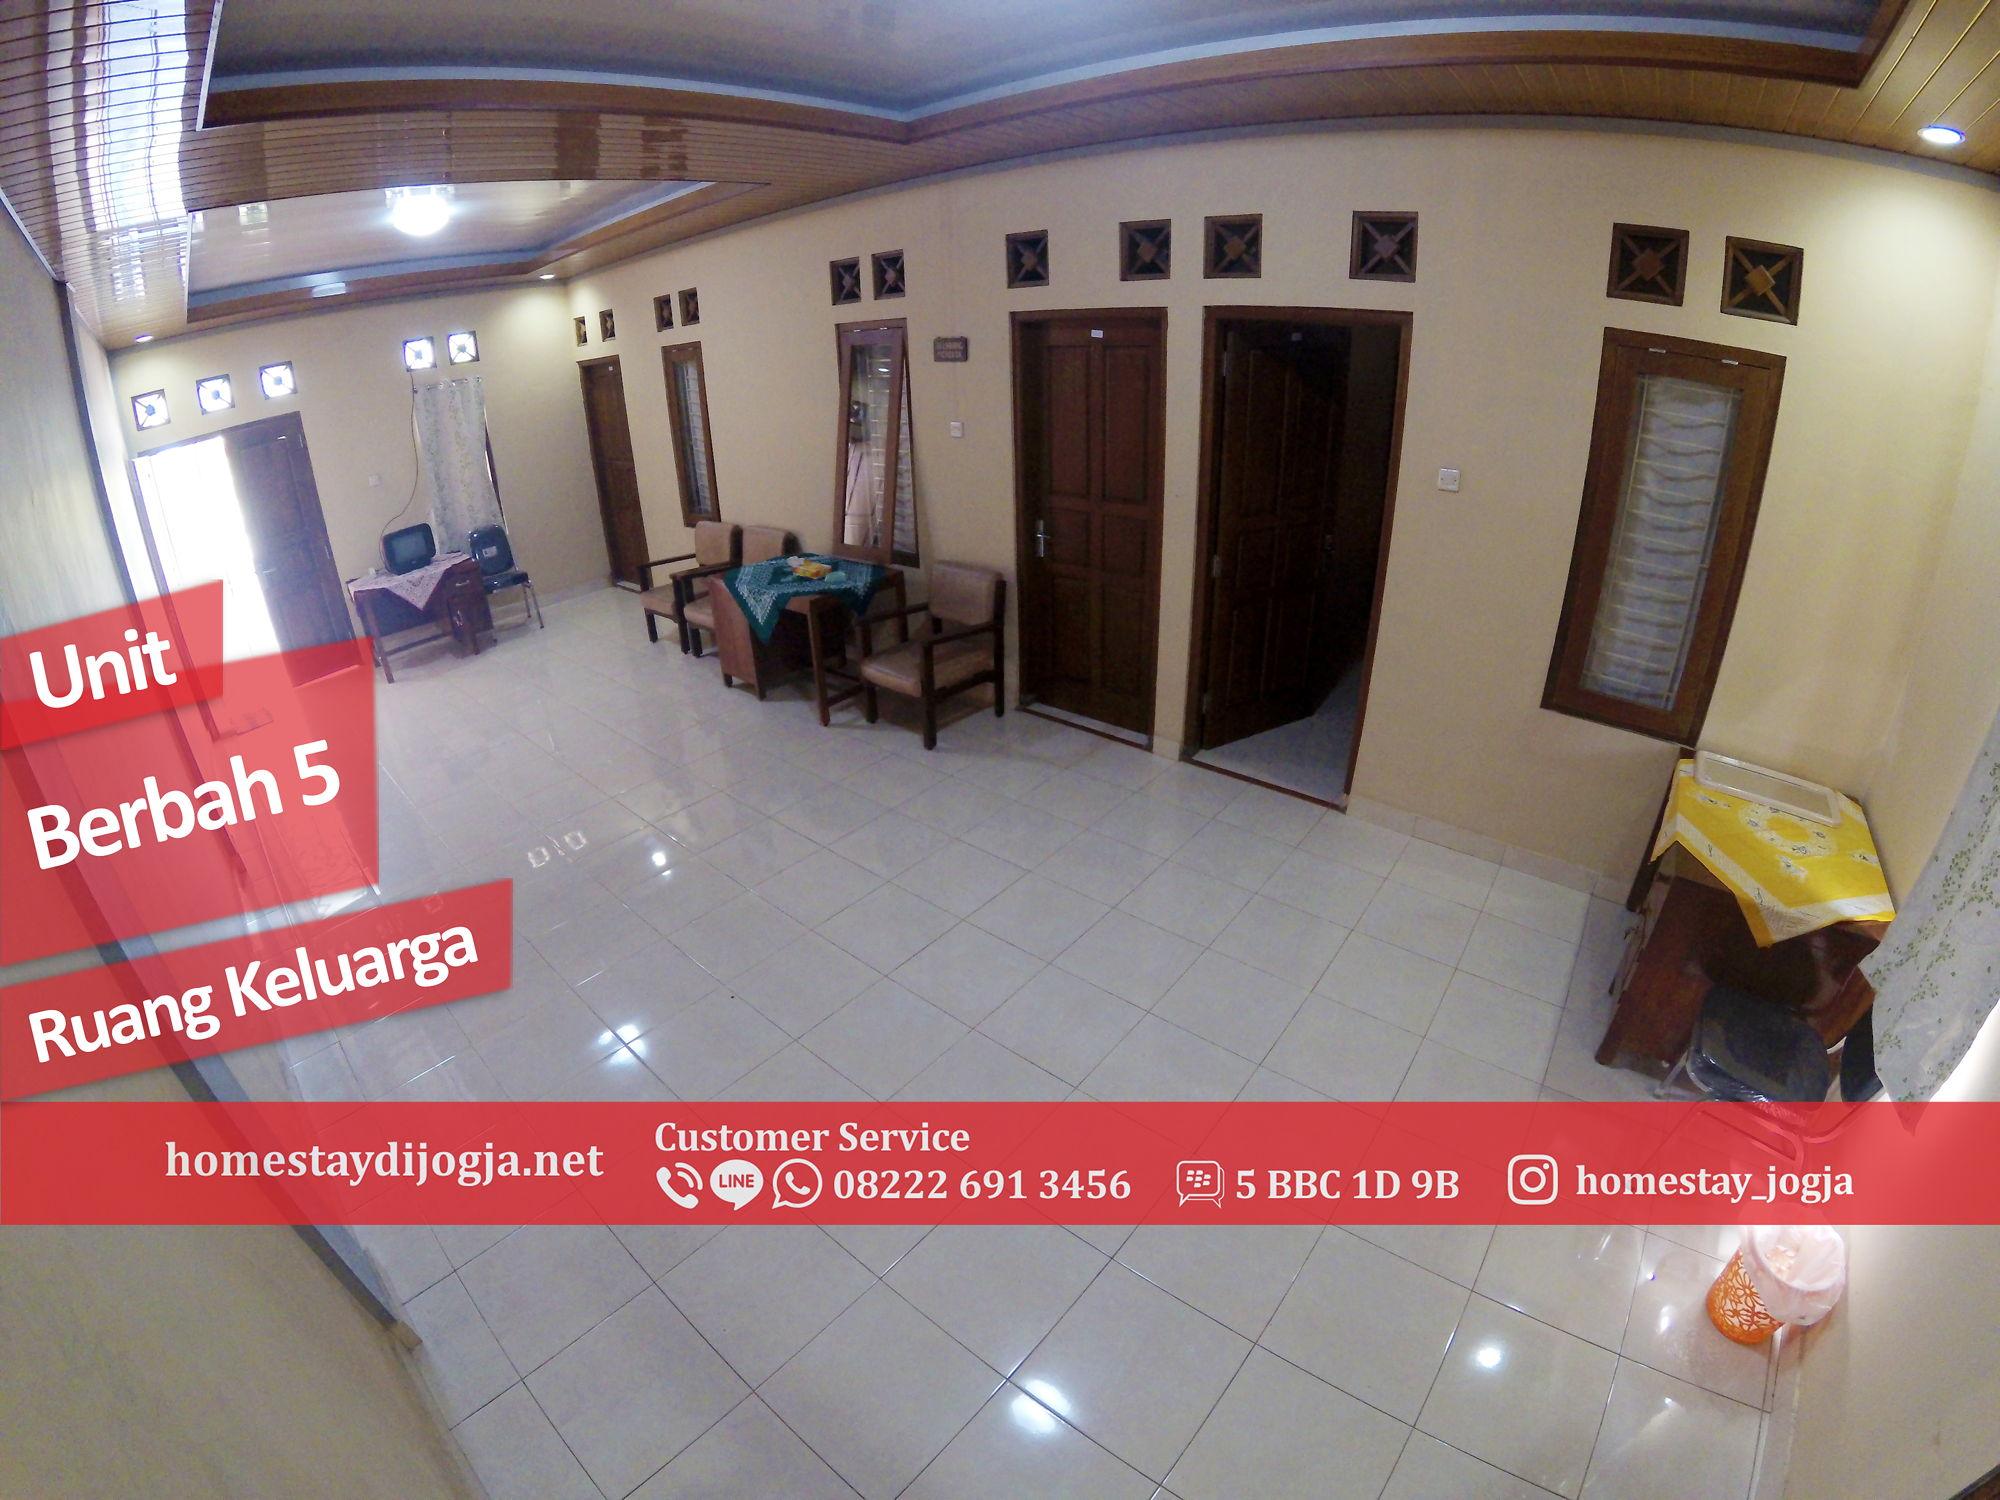 Homestay Murah 6 Kamar tidur di Berbah kapasitas hingga 30 orang